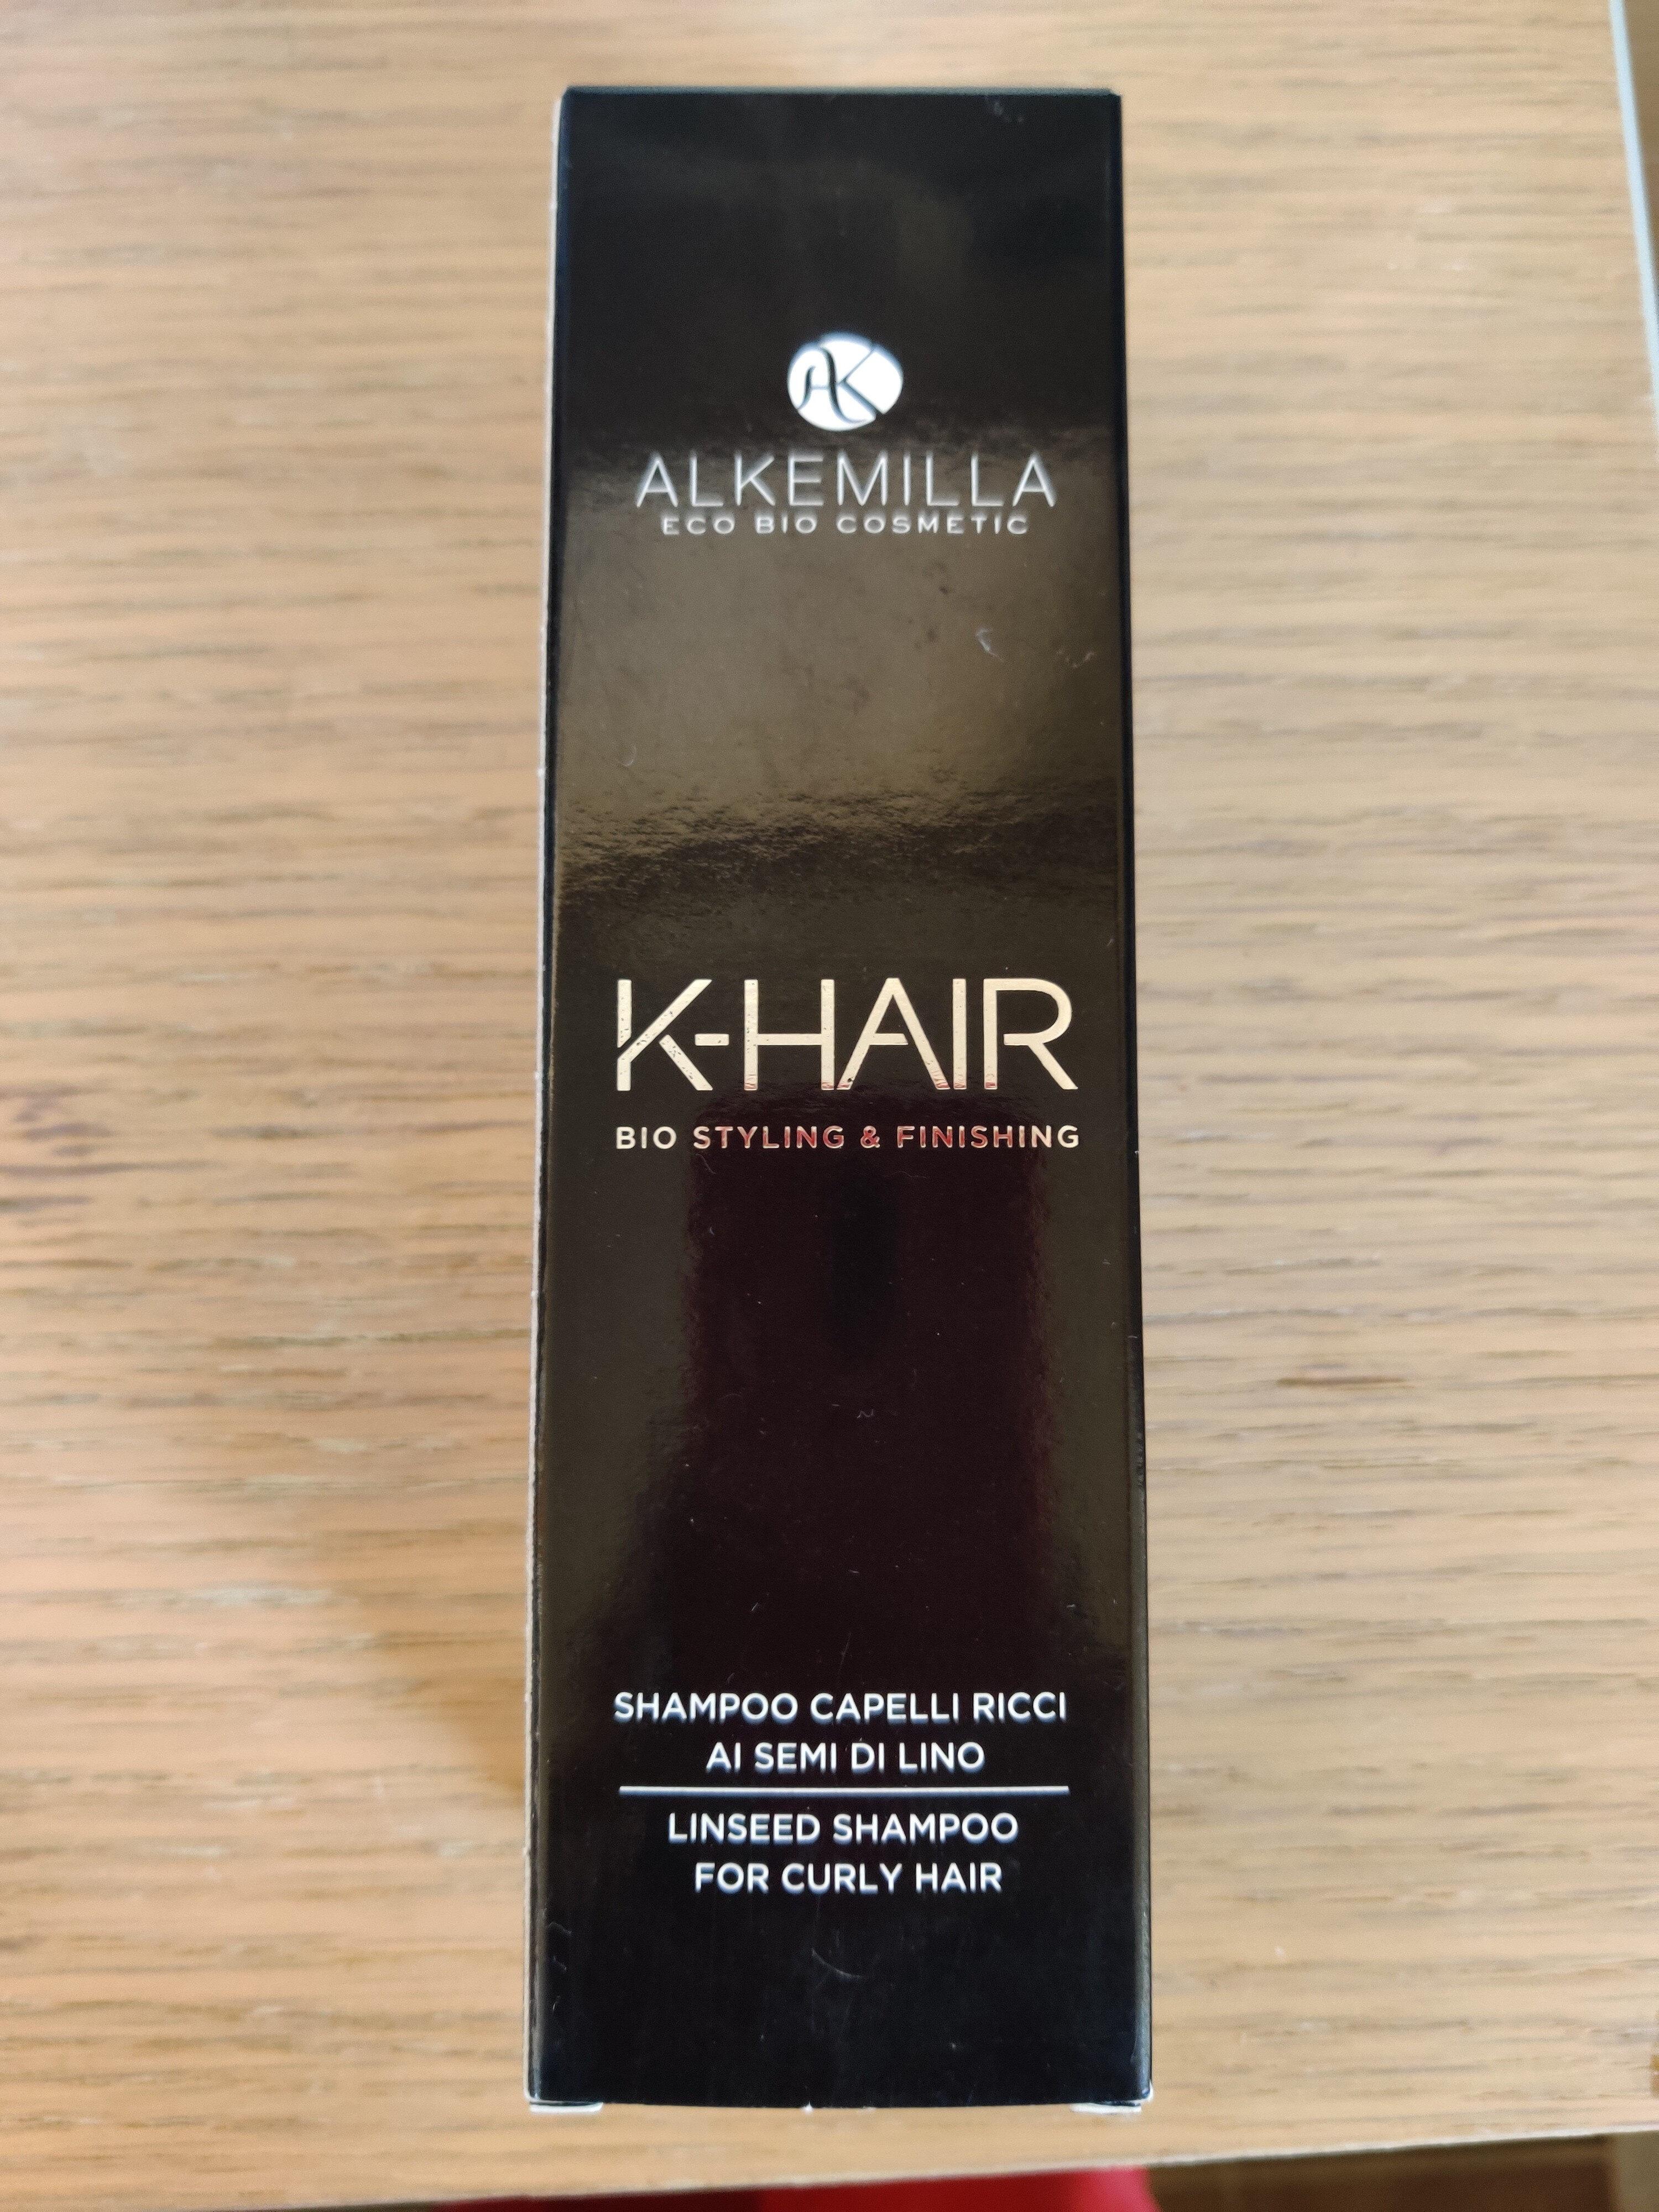 shampoo capelli ricci - Product